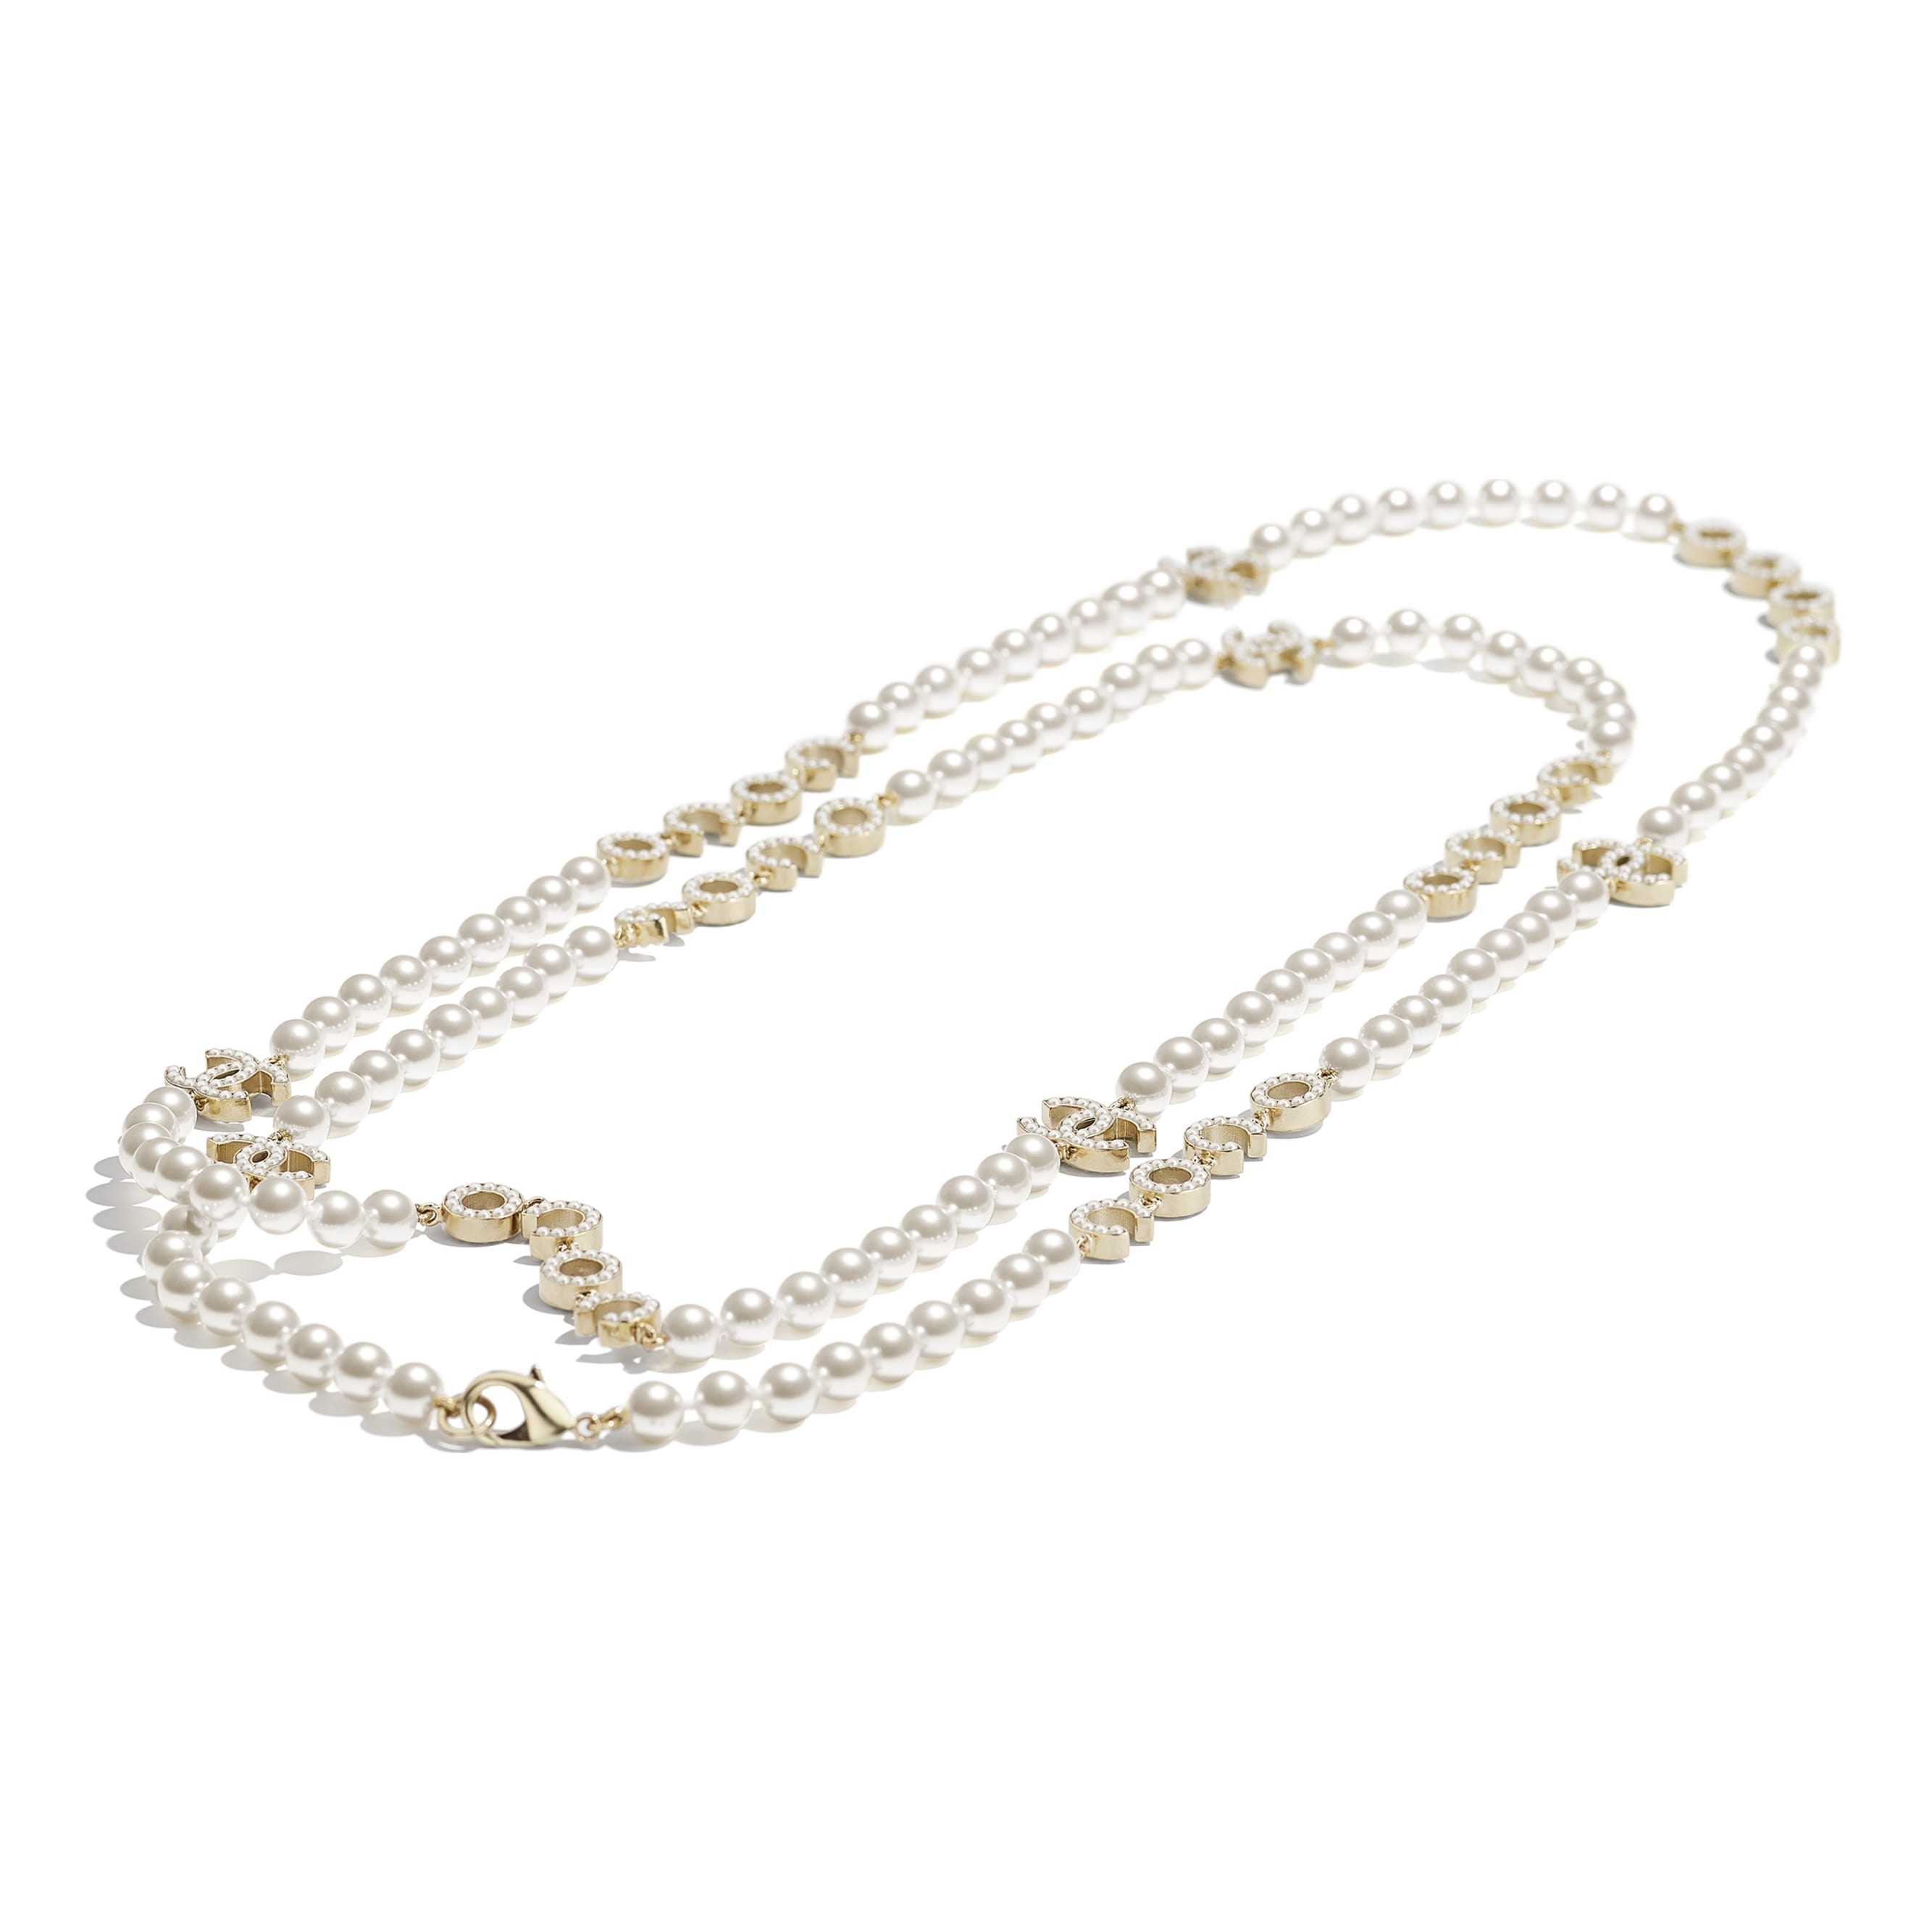 Sautoir - Doré & blanc nacré - Métal & perles de verre - CHANEL - Vue alternative - voir la version taille standard